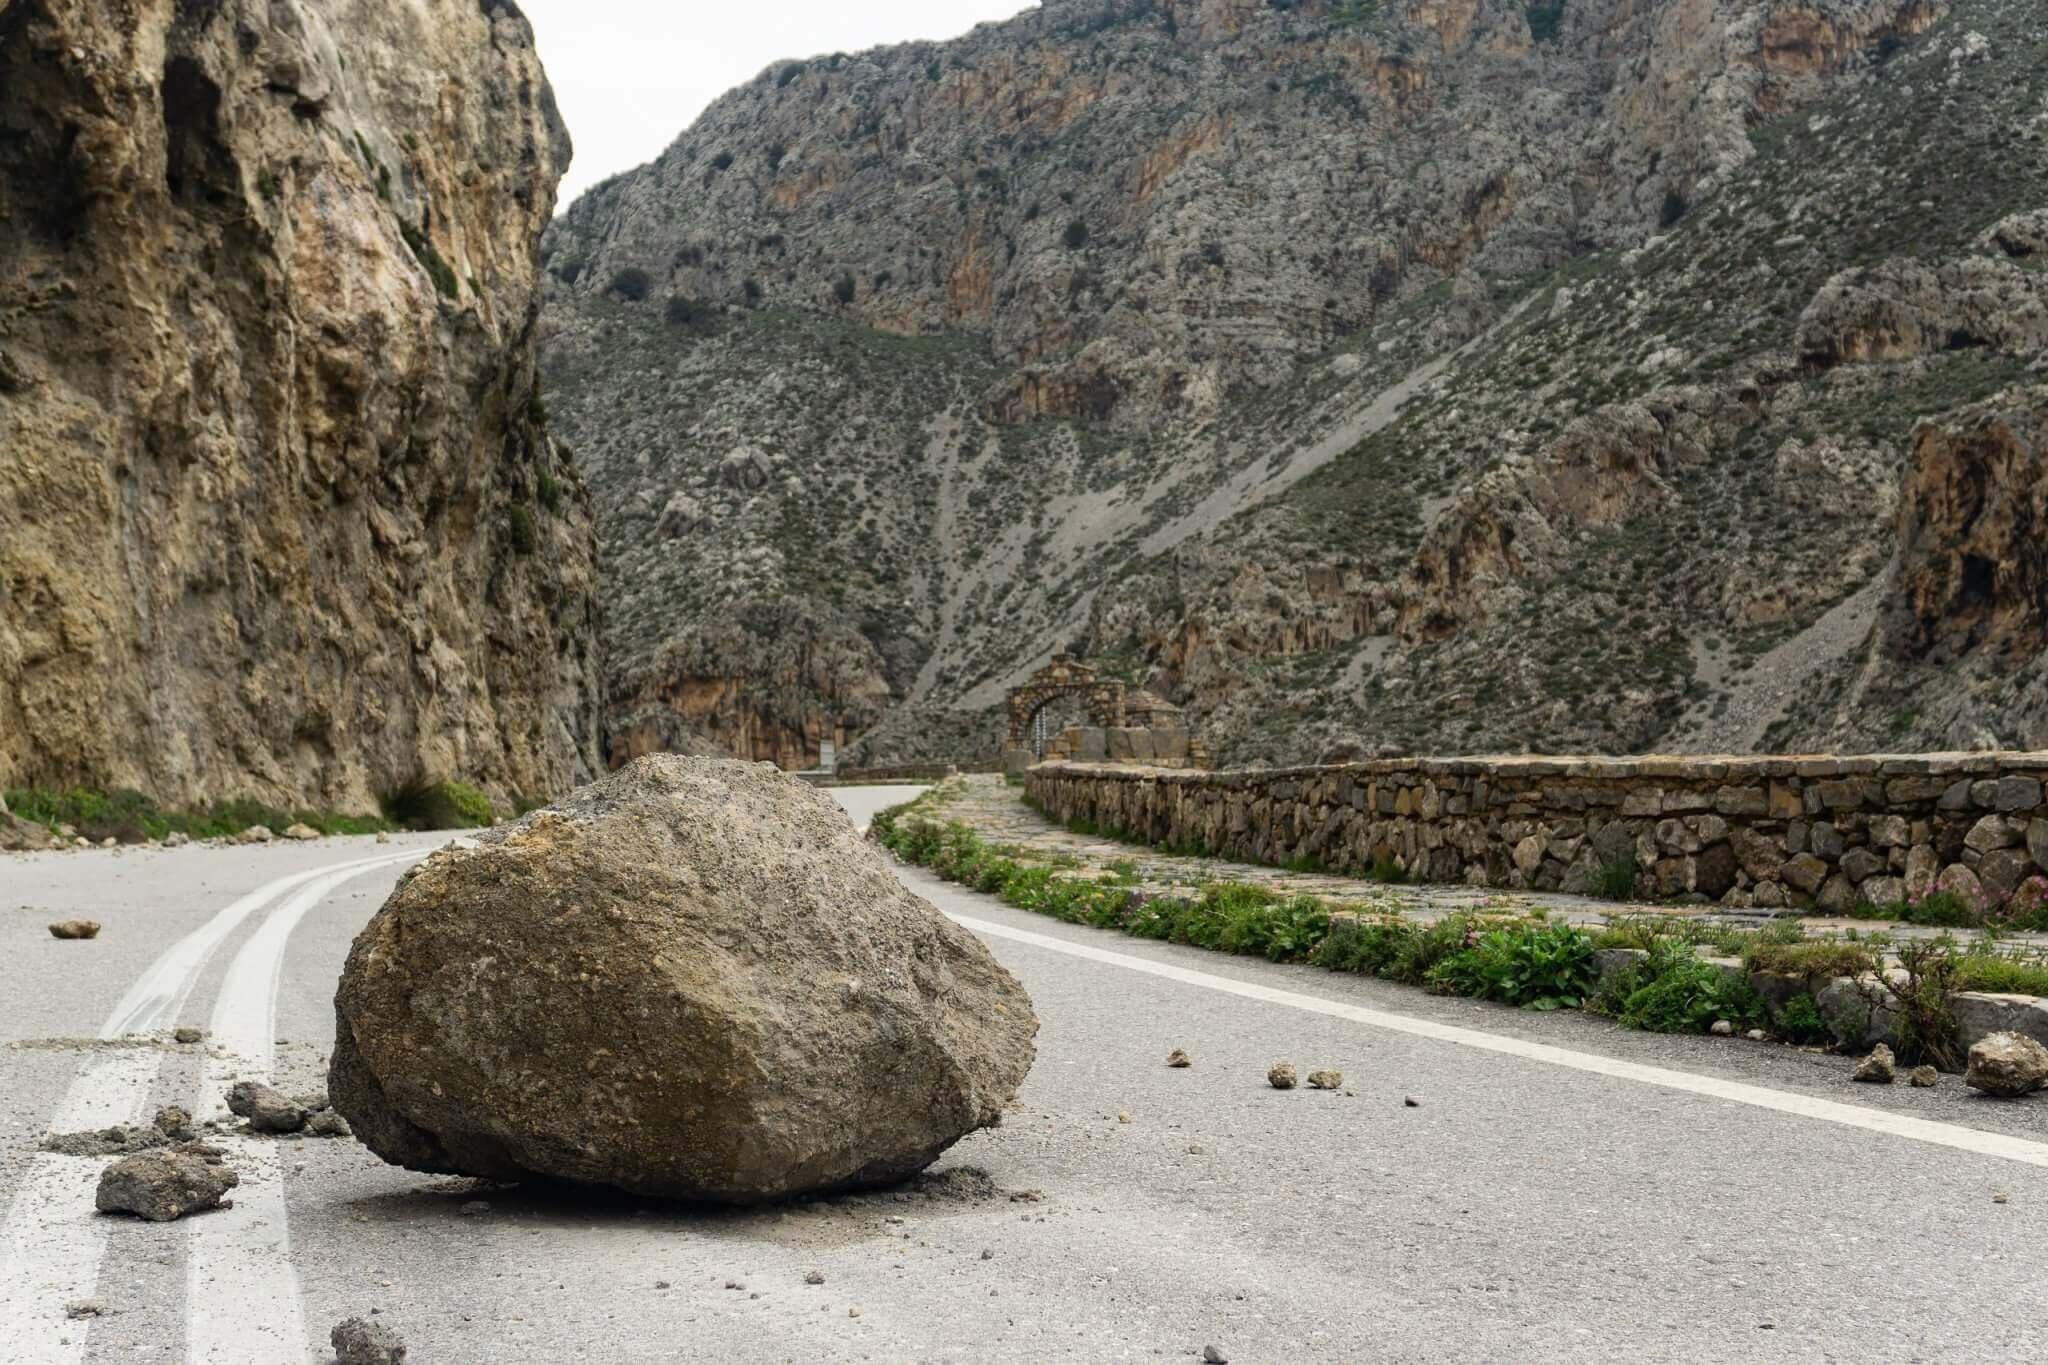 Risiko der Geldanlage als Felsen auf der Straße symbolisiert